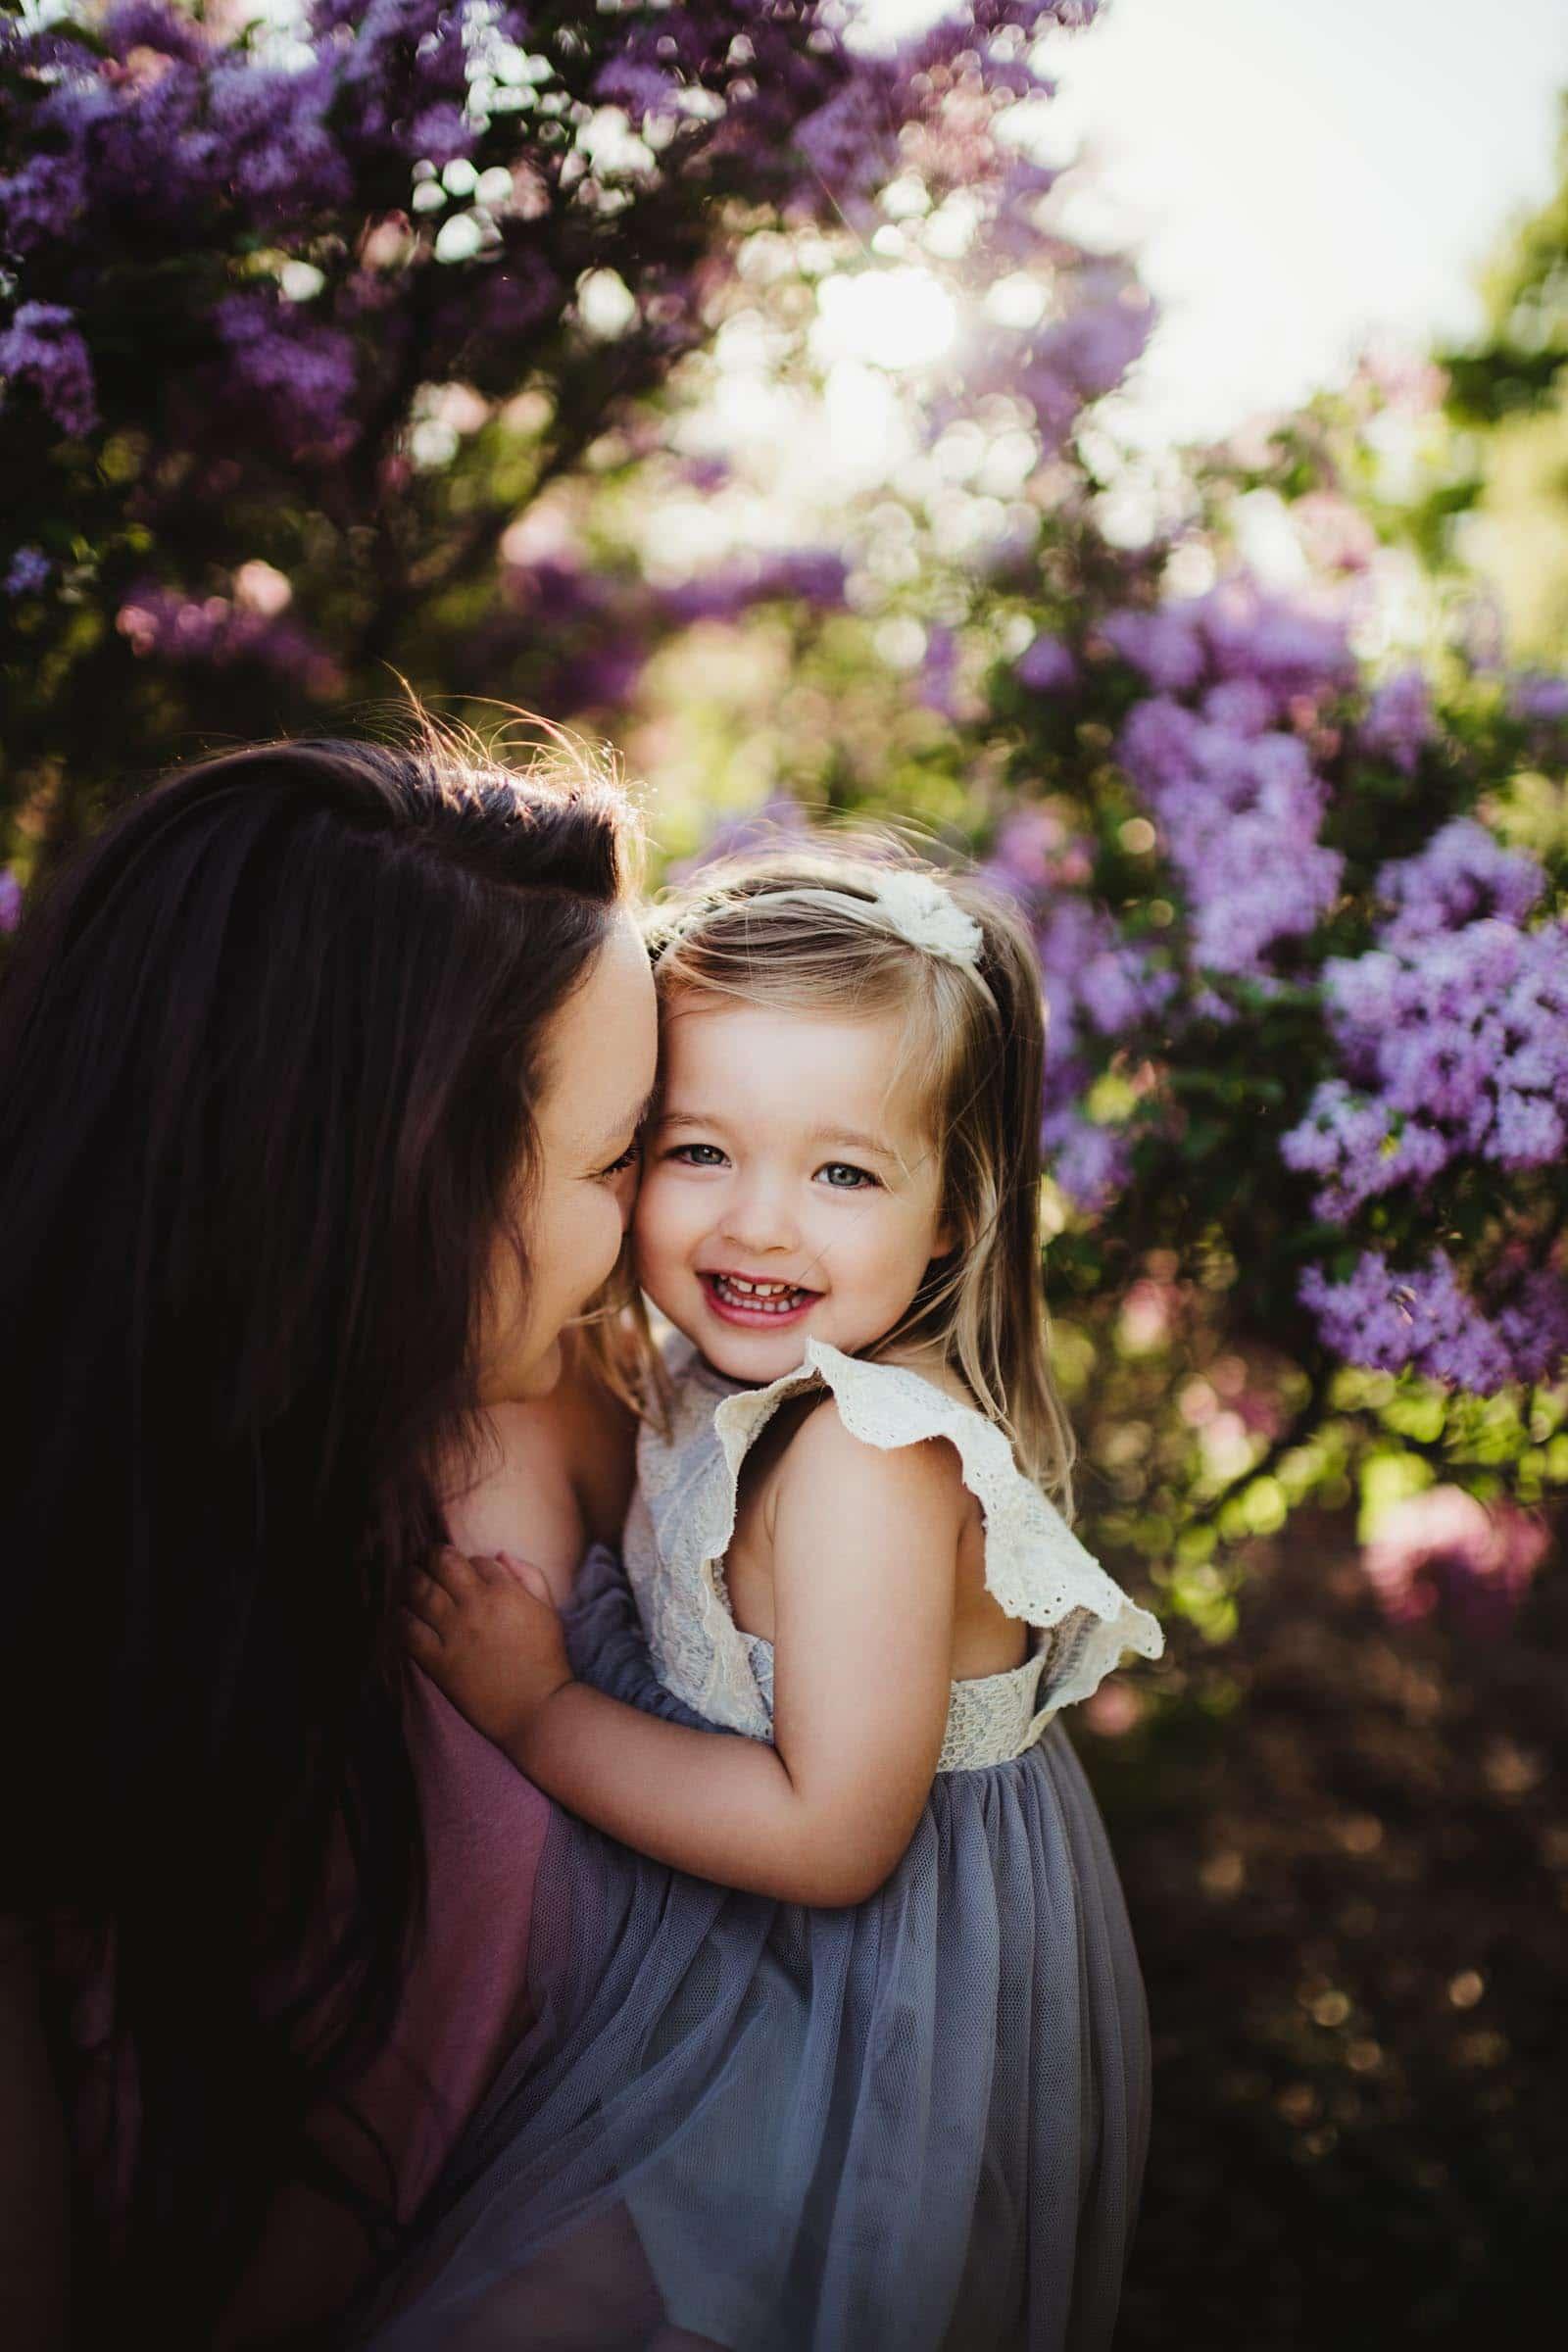 Mom Snuggling Little Girl Purple Flowers